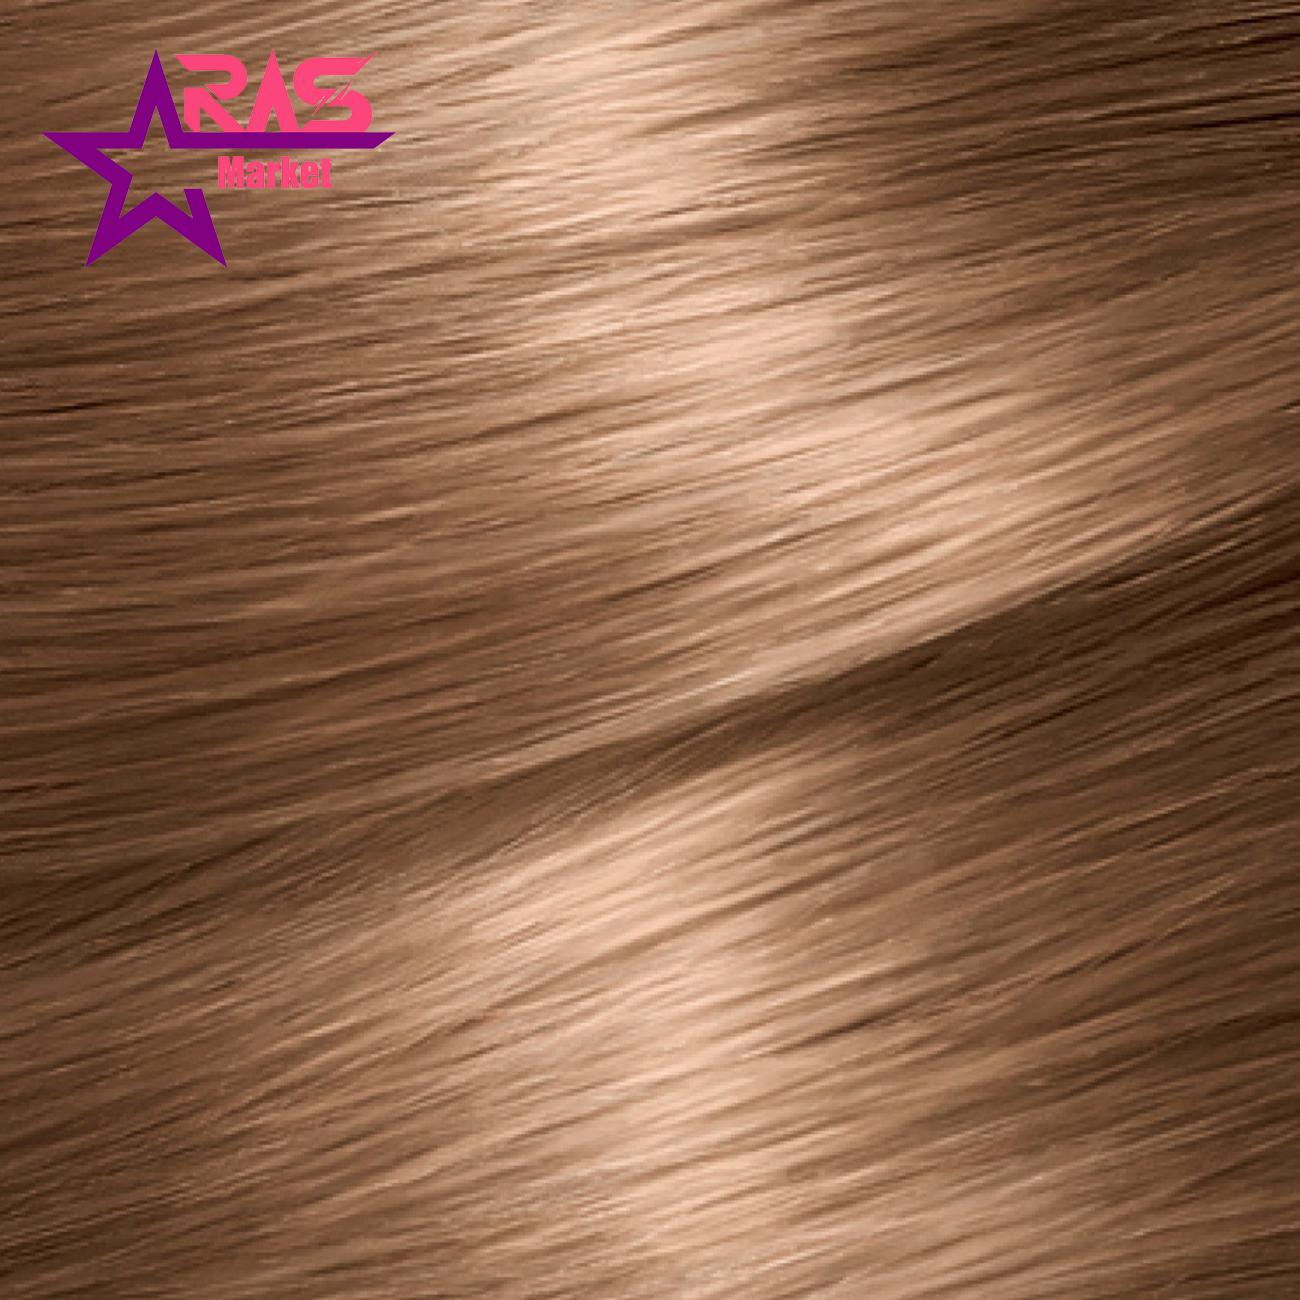 کیت رنگ مو گارنیر سری Color Naturals شماره 7 ، فروشگاه اینترنتی ارس مارکت ، رنگ موی زنانه گارنیر